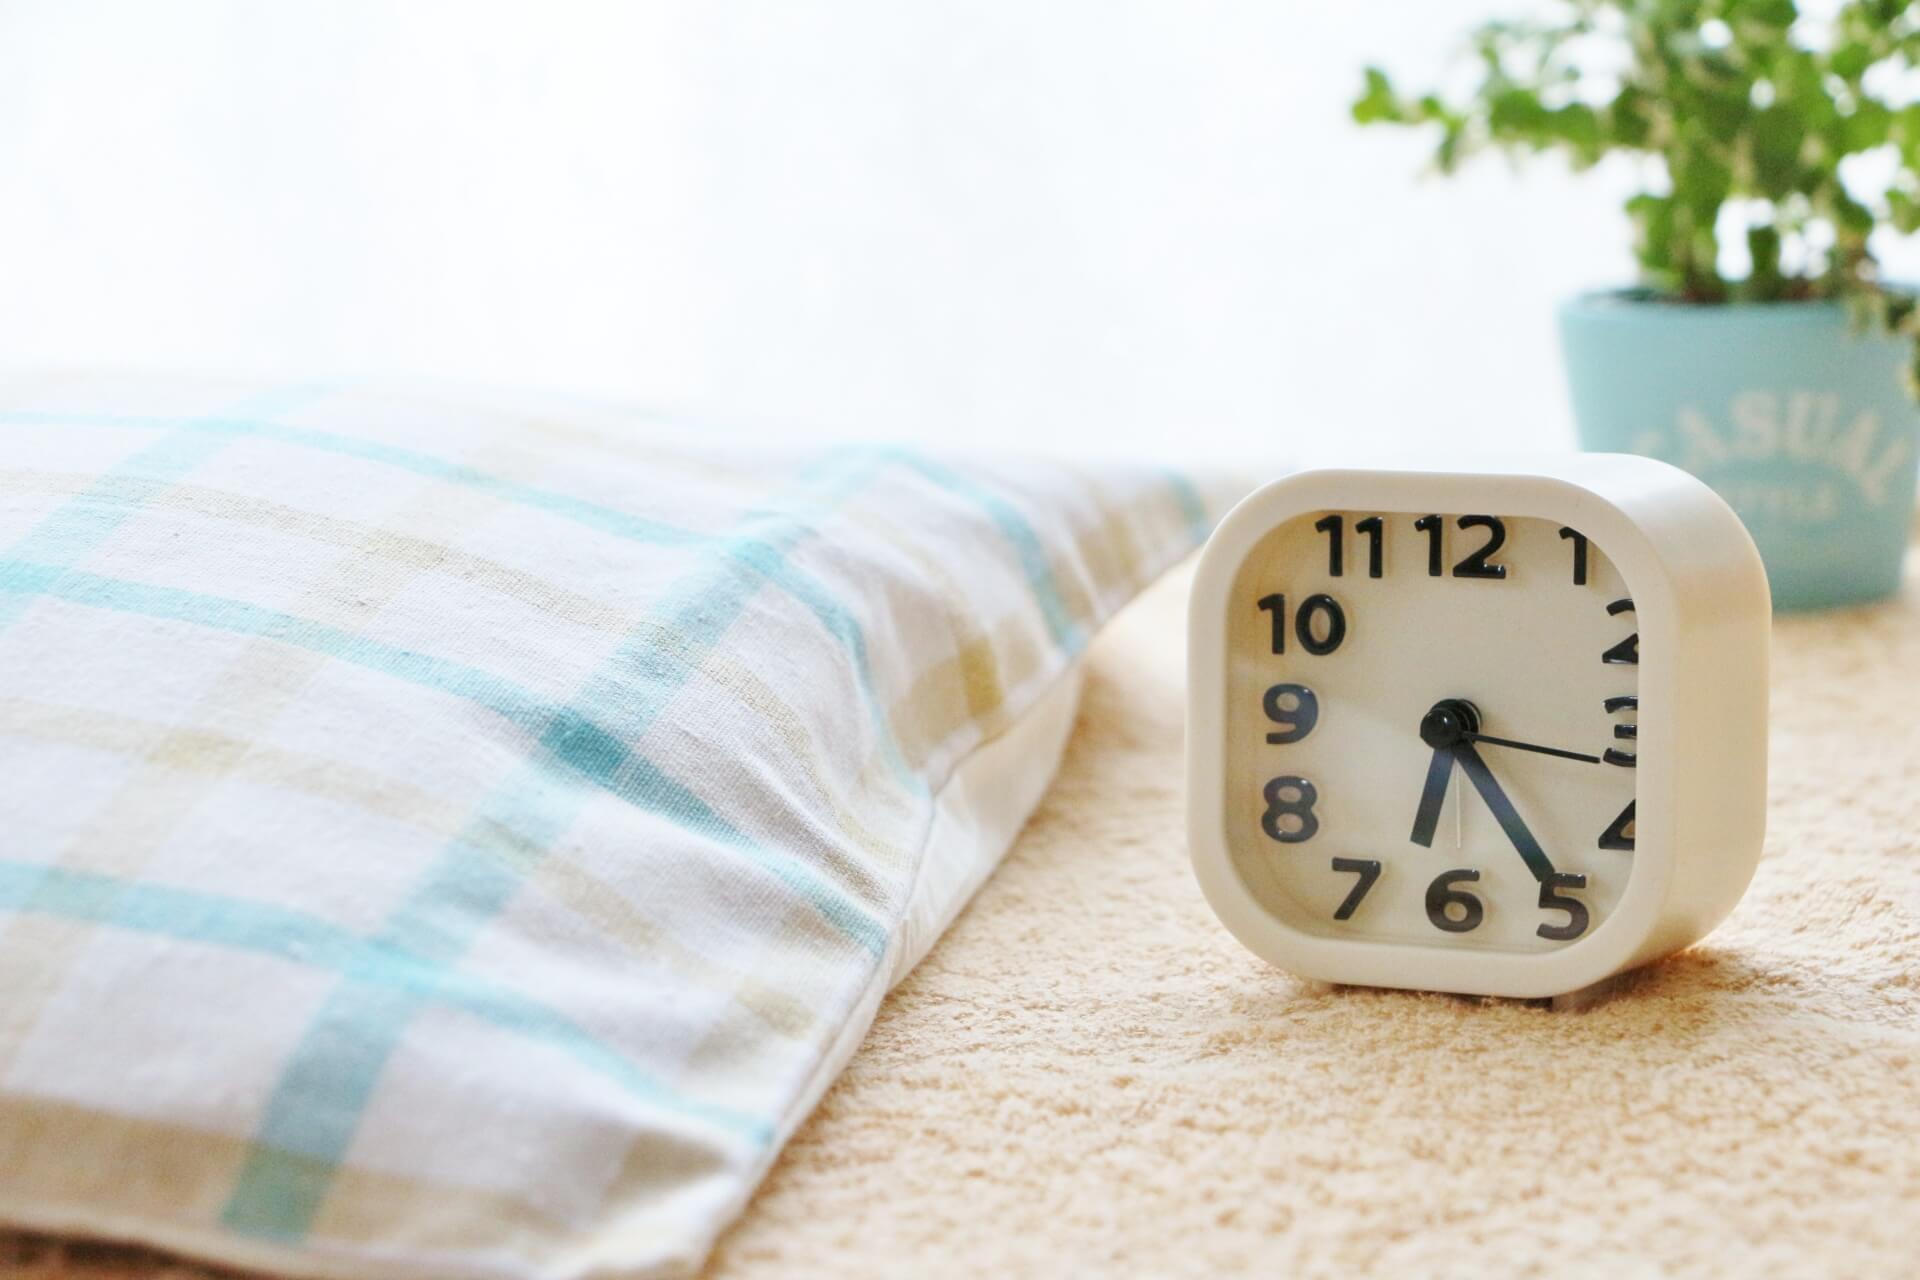 疲労回復に役立つ呼吸法|寝る前に2分だけでOK